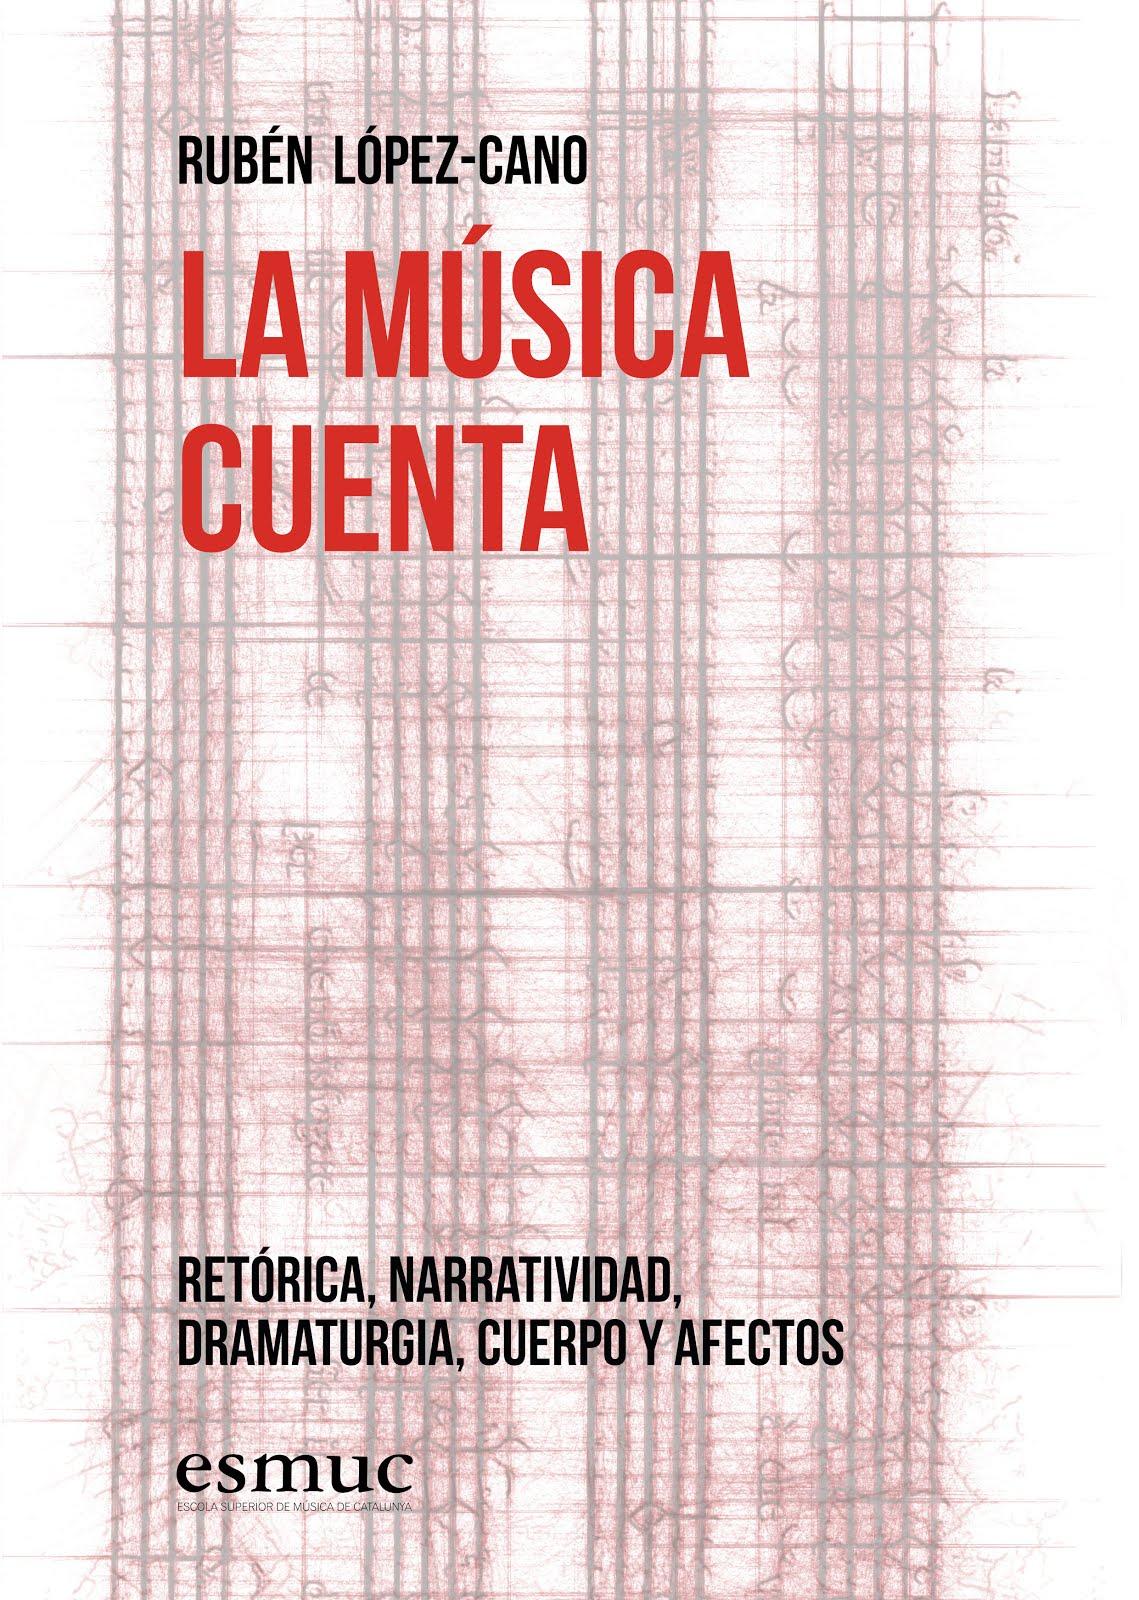 La música cuenta. Rubén López-Cano